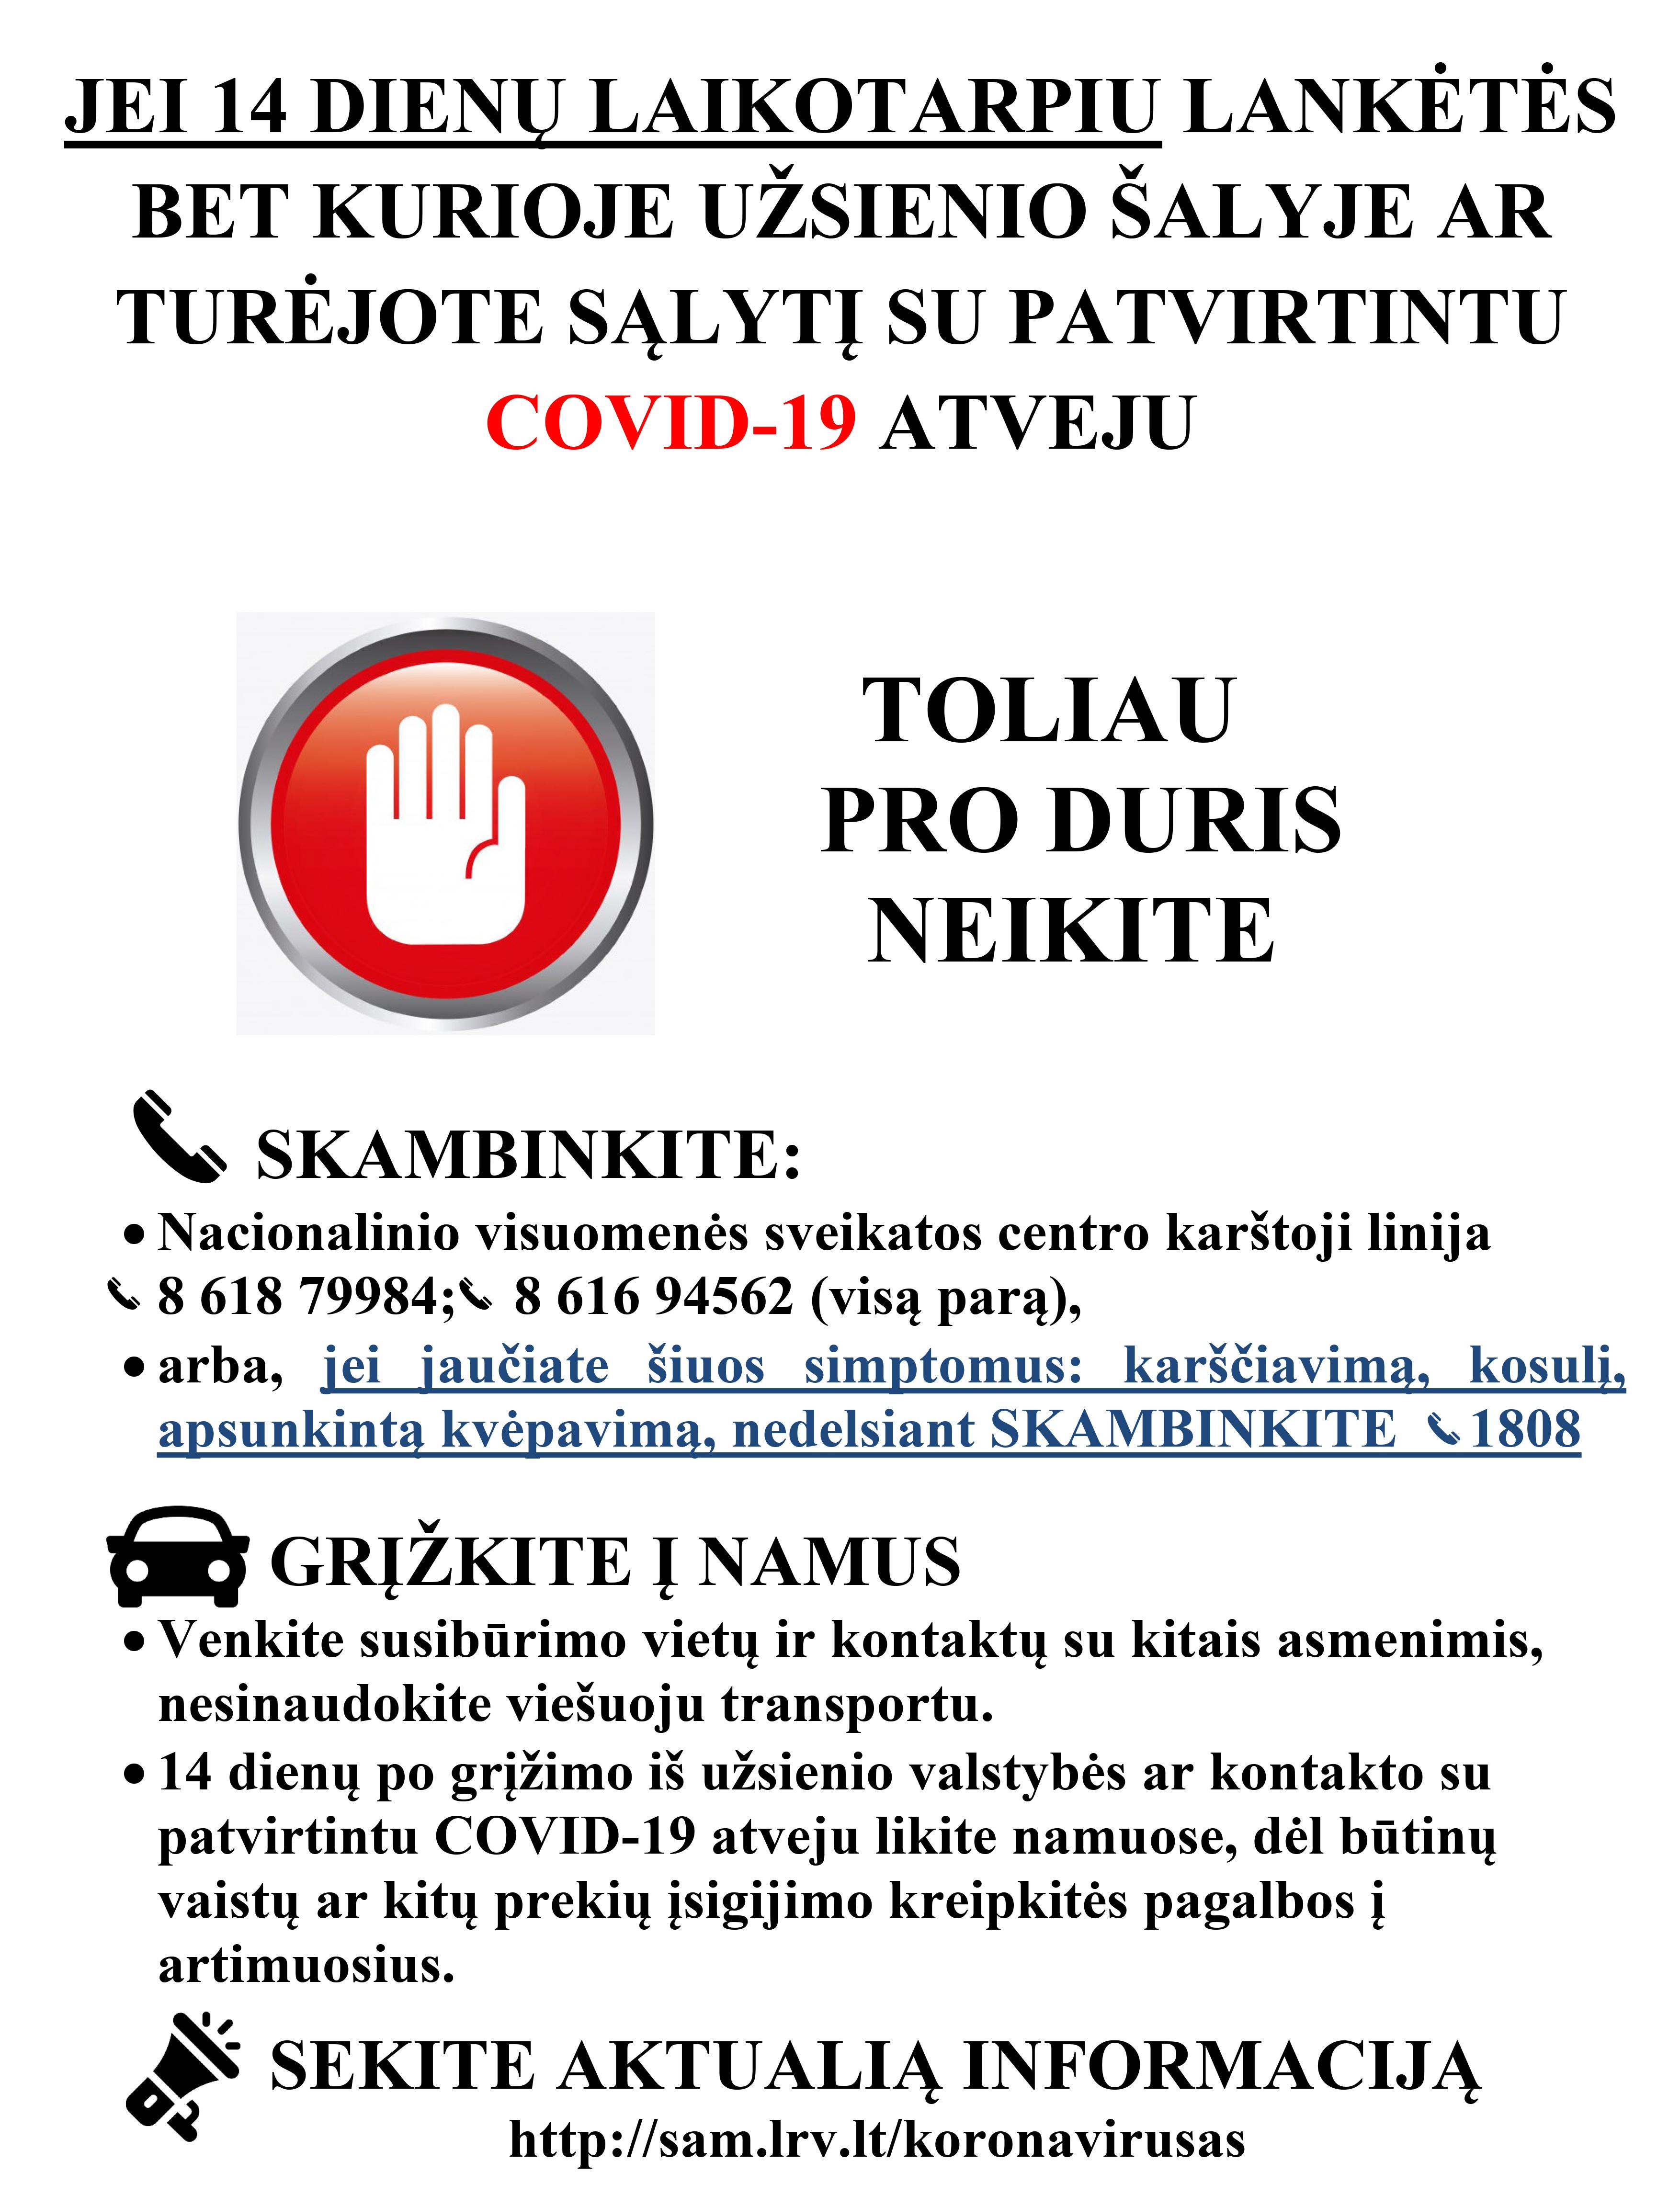 Rekomenduojamas plakatas prie vaistinės